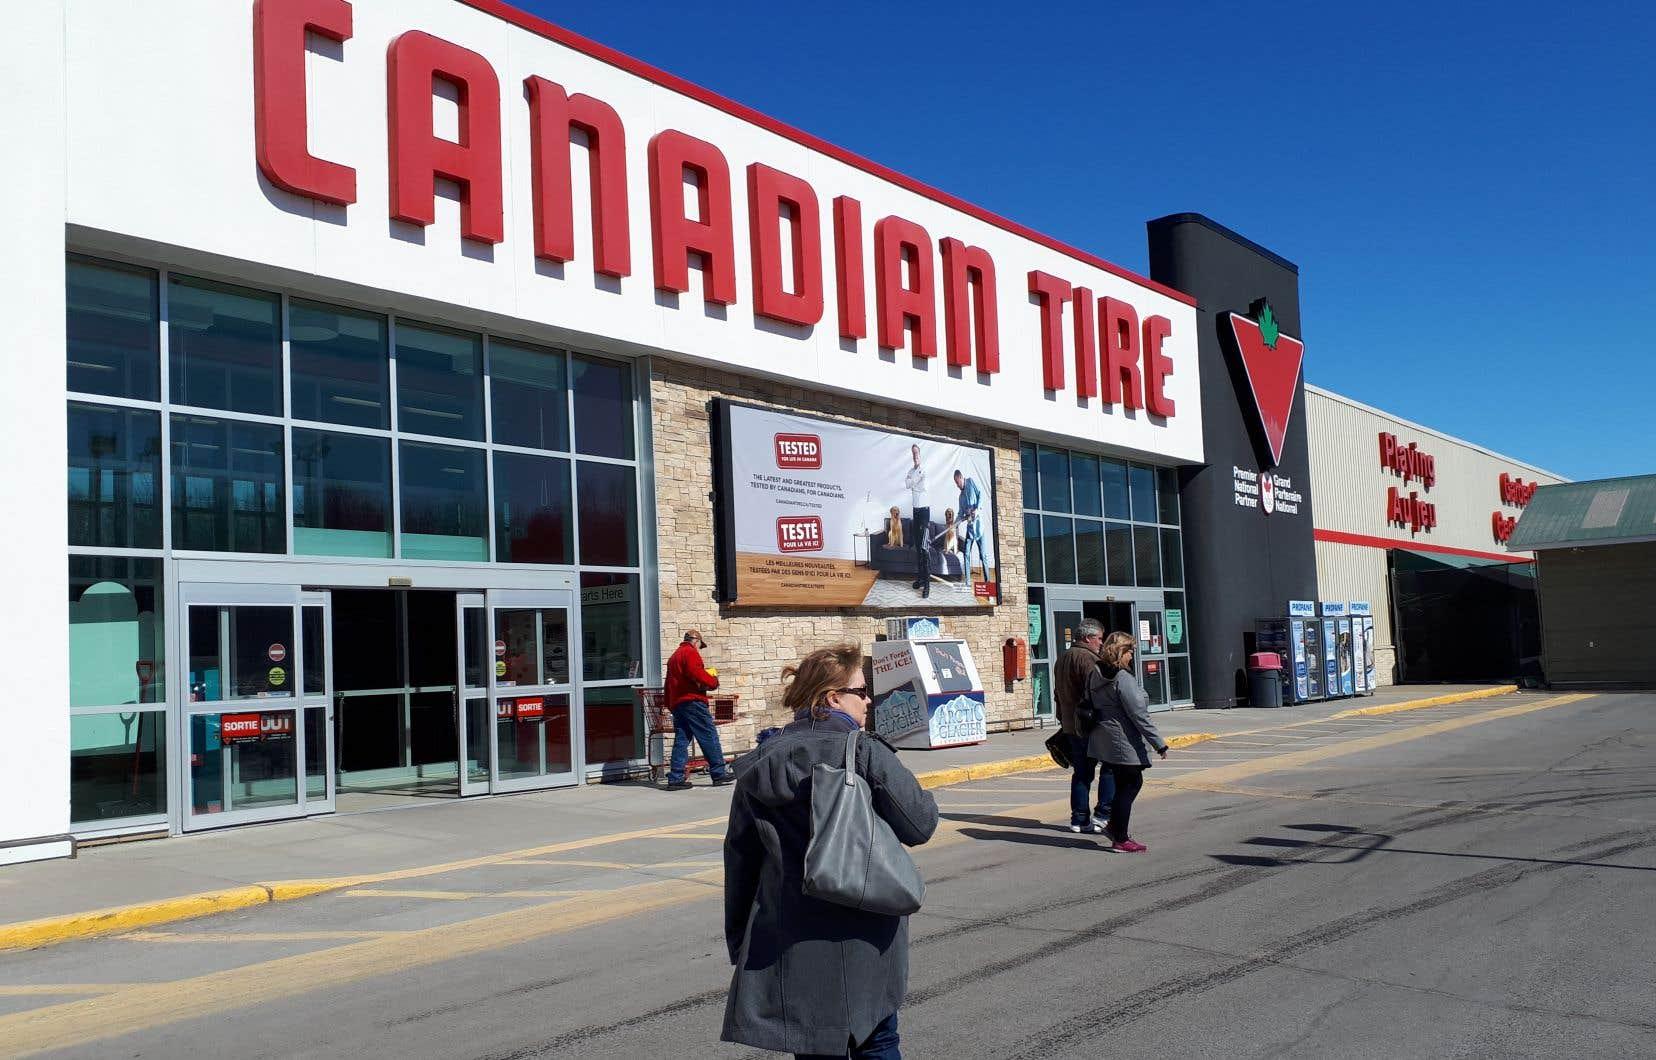 L'entreprise canadienne originaire de l'Ontario a rappelé que les vêtements de plein air et de travail constituent une de ses catégories principales.